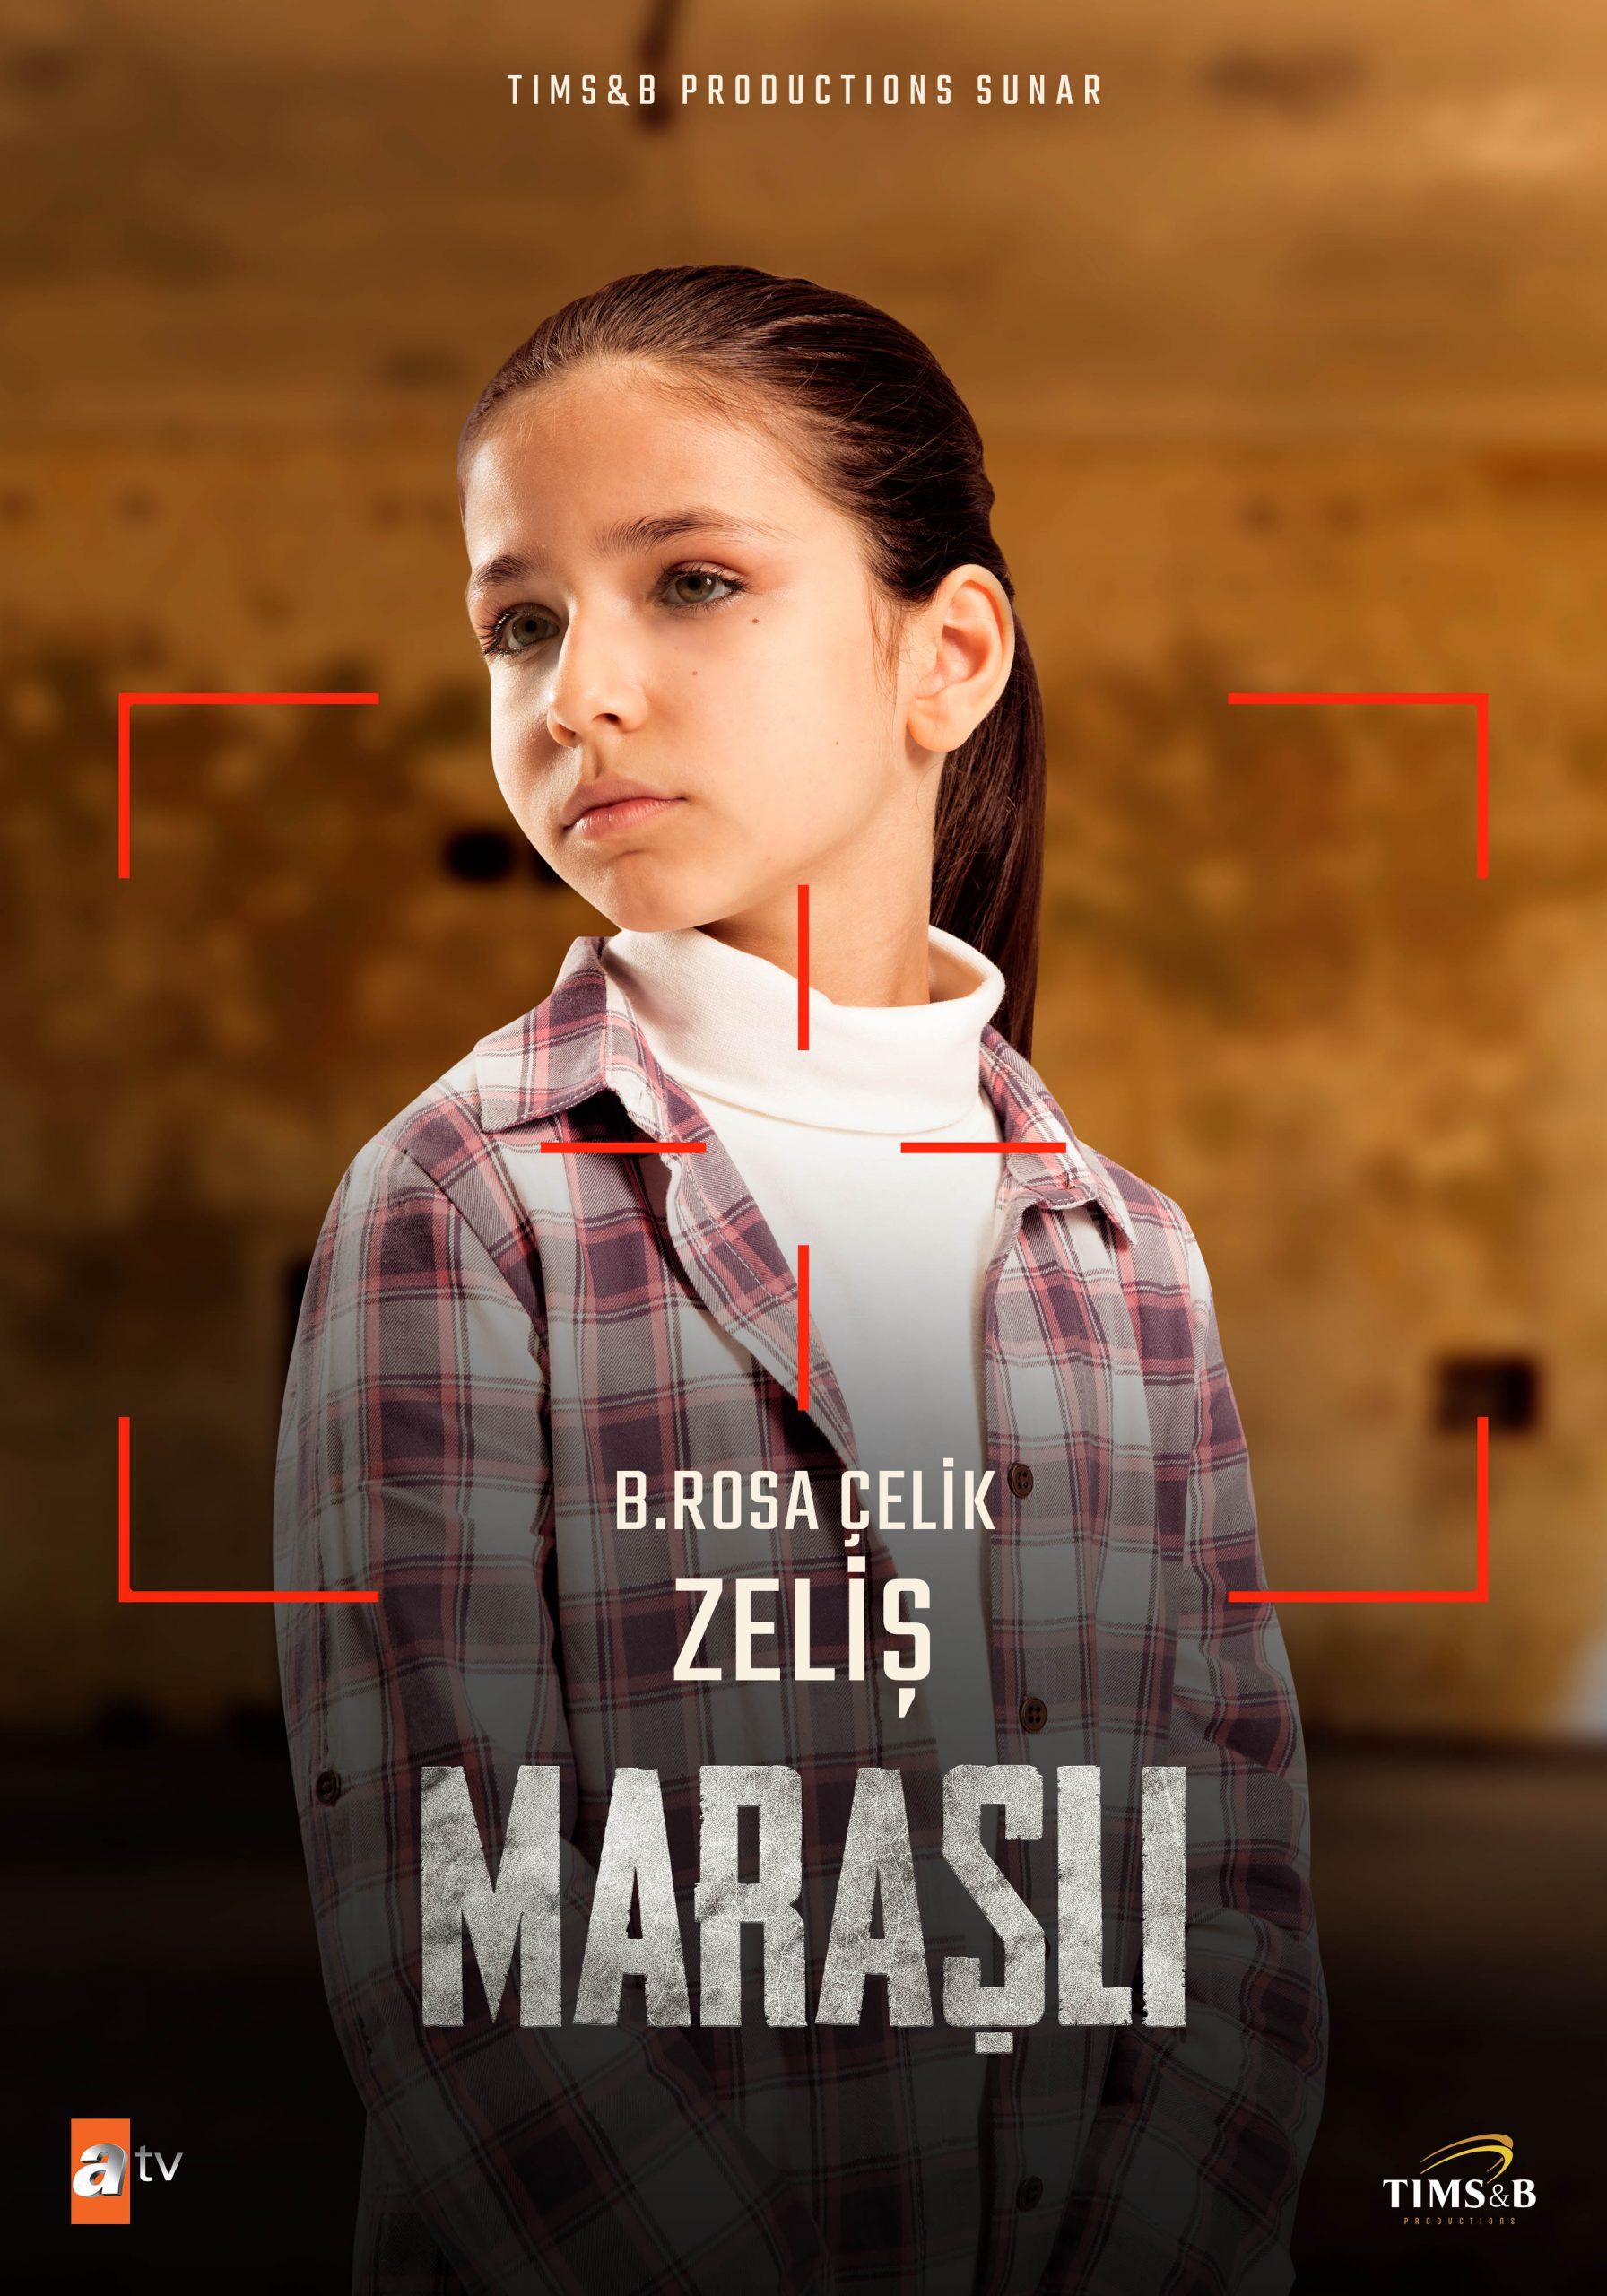 MARASLI_K_ZELIS_M-scaled